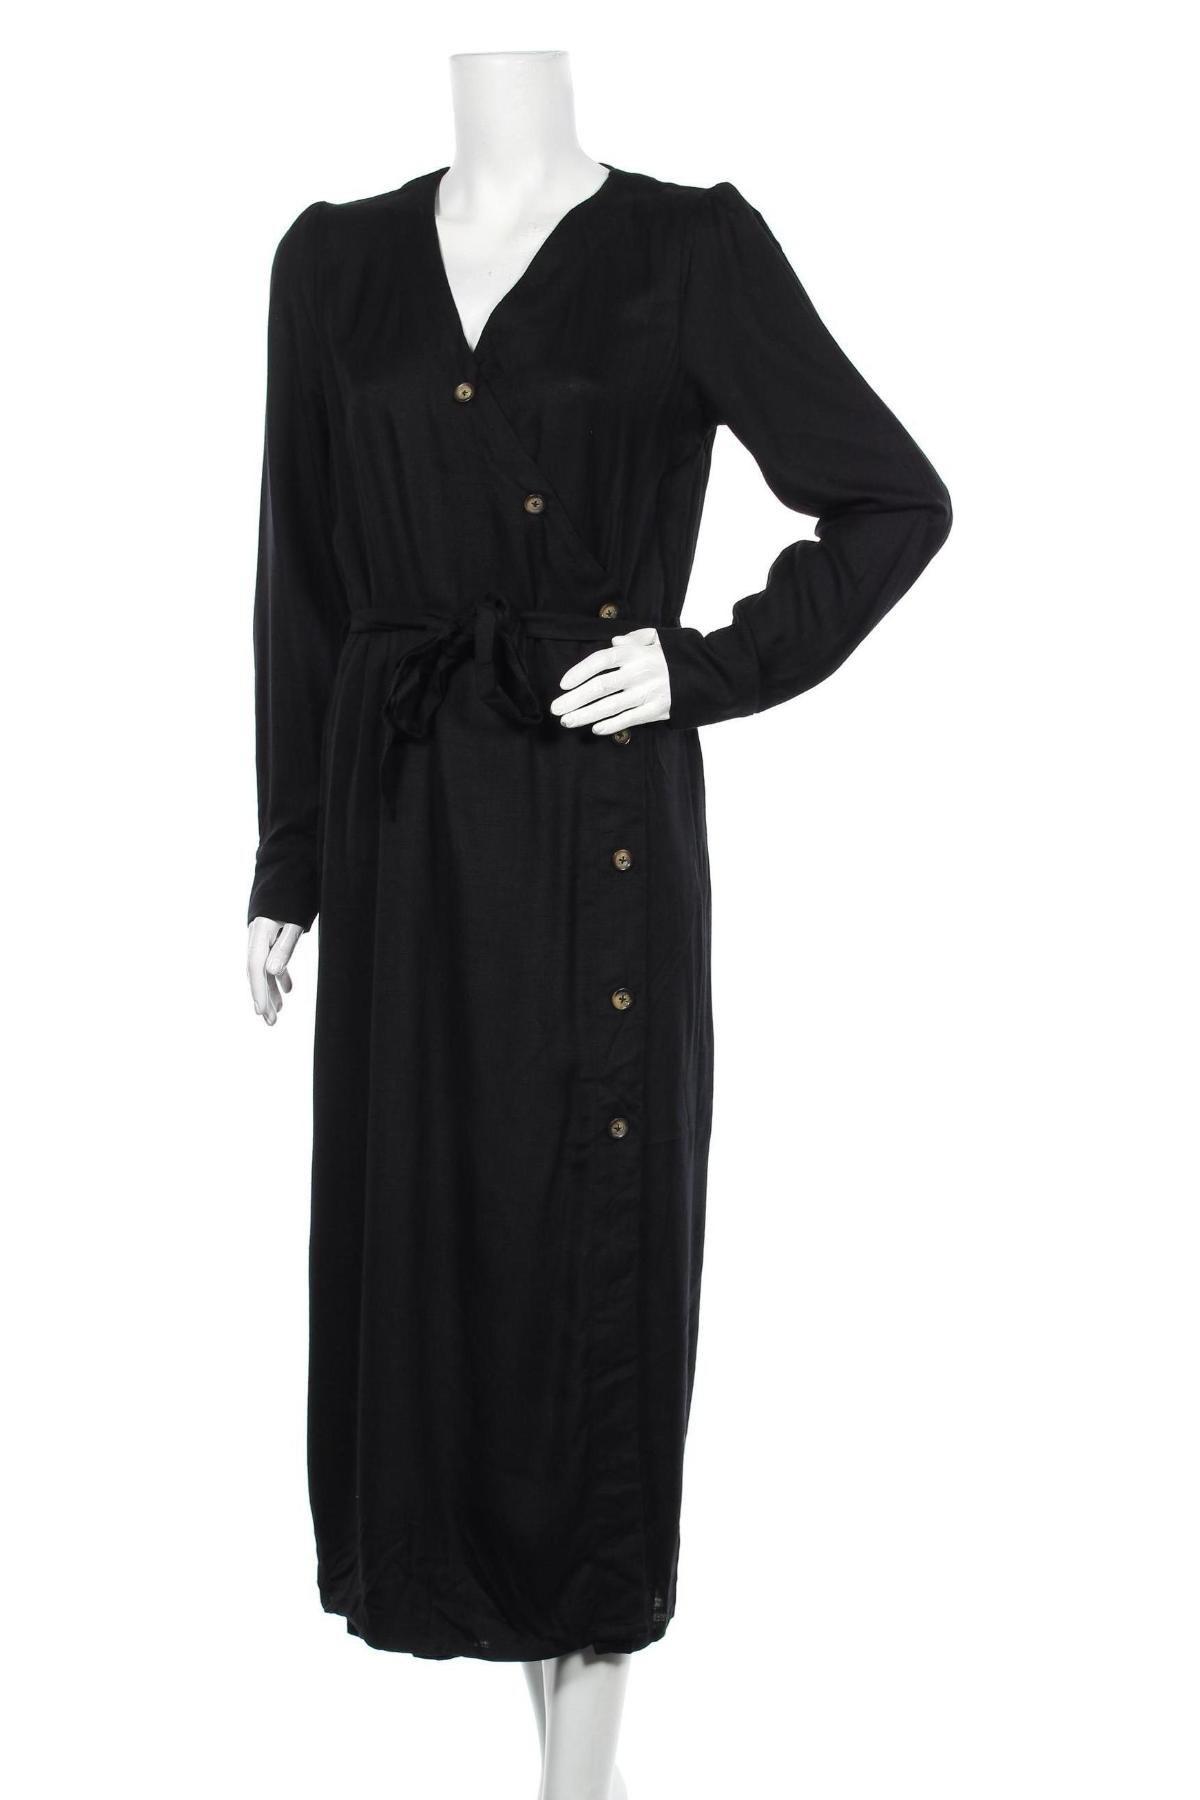 Φόρεμα Kaffe, Μέγεθος M, Χρώμα Μαύρο, Βισκόζη, Τιμή 53,74€